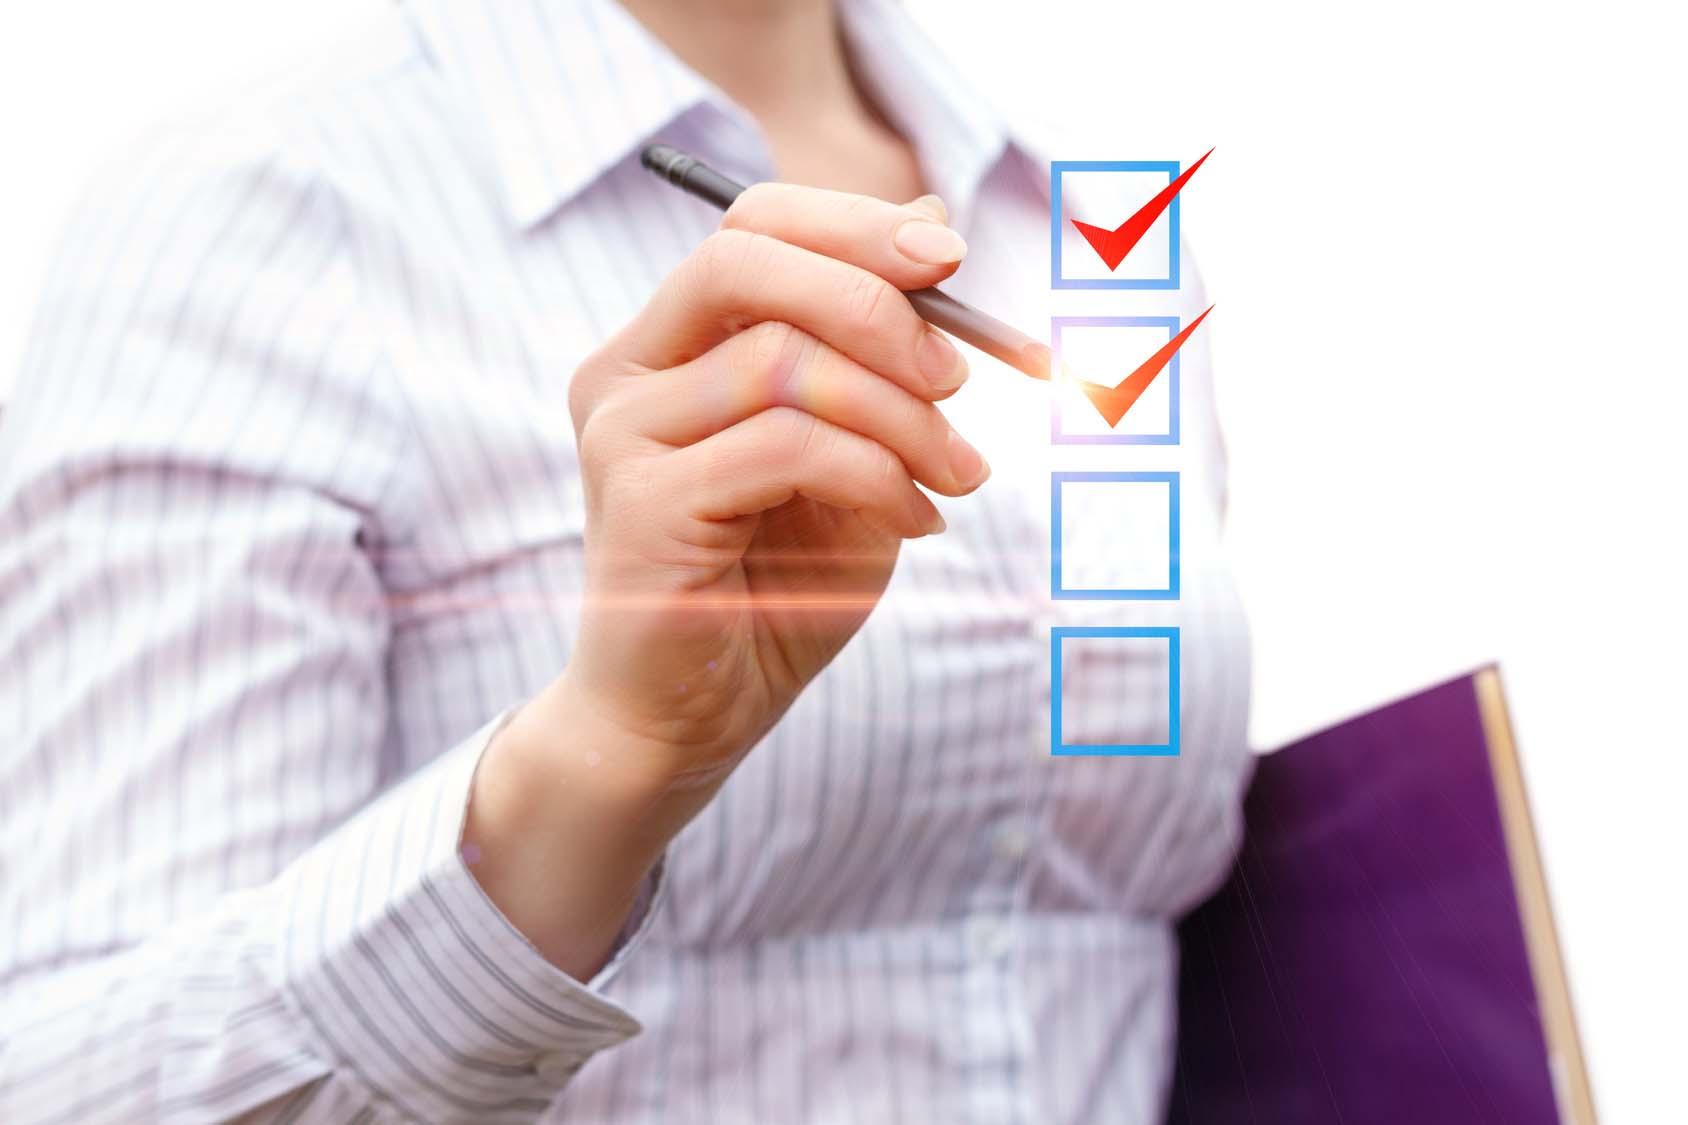 Checkliste Vereinsausschluss: Damit können Sie als Vorstand arbeiten